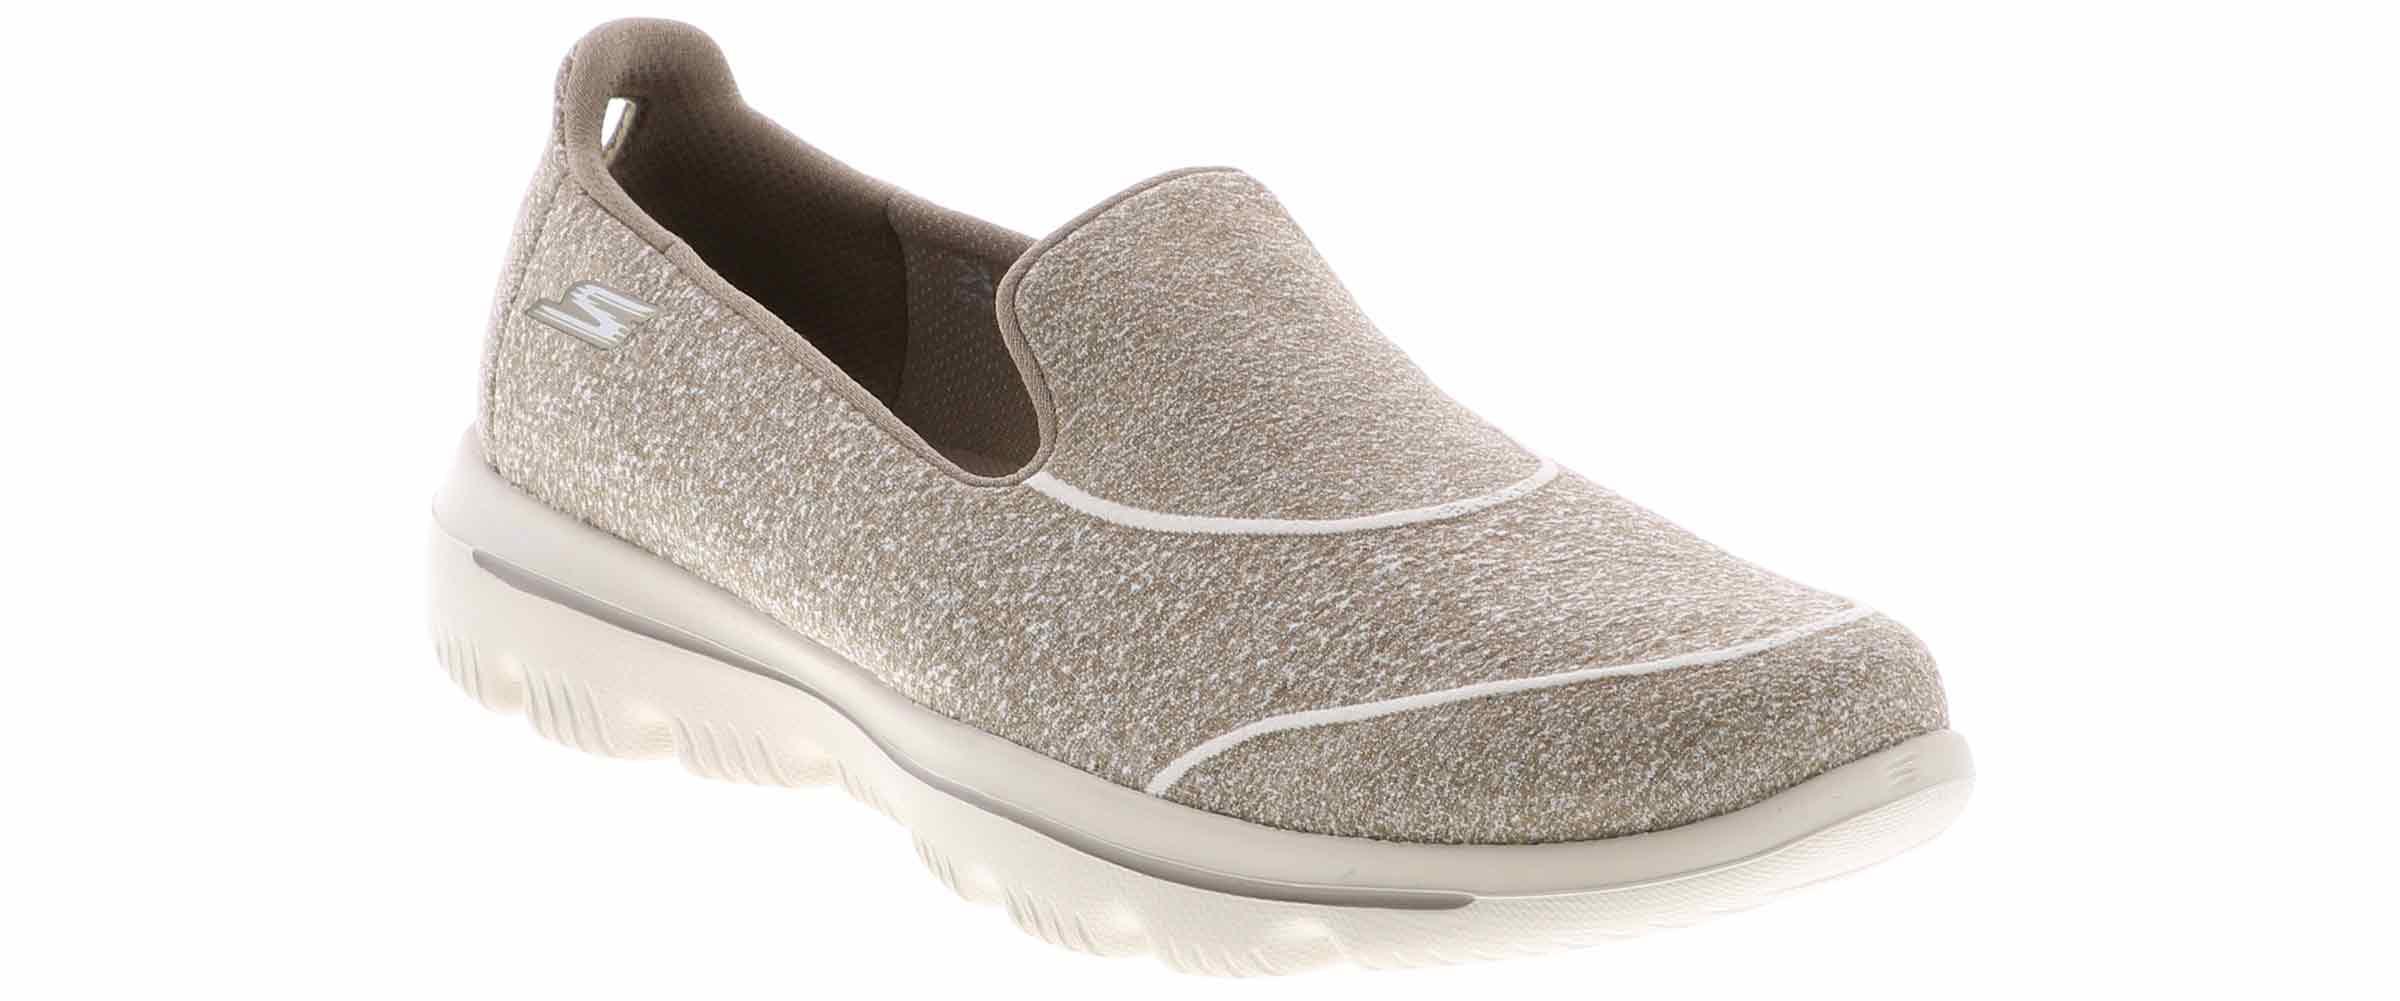 Skechers Women's Go Walk Evolution Ultra Dedicate Sneaker